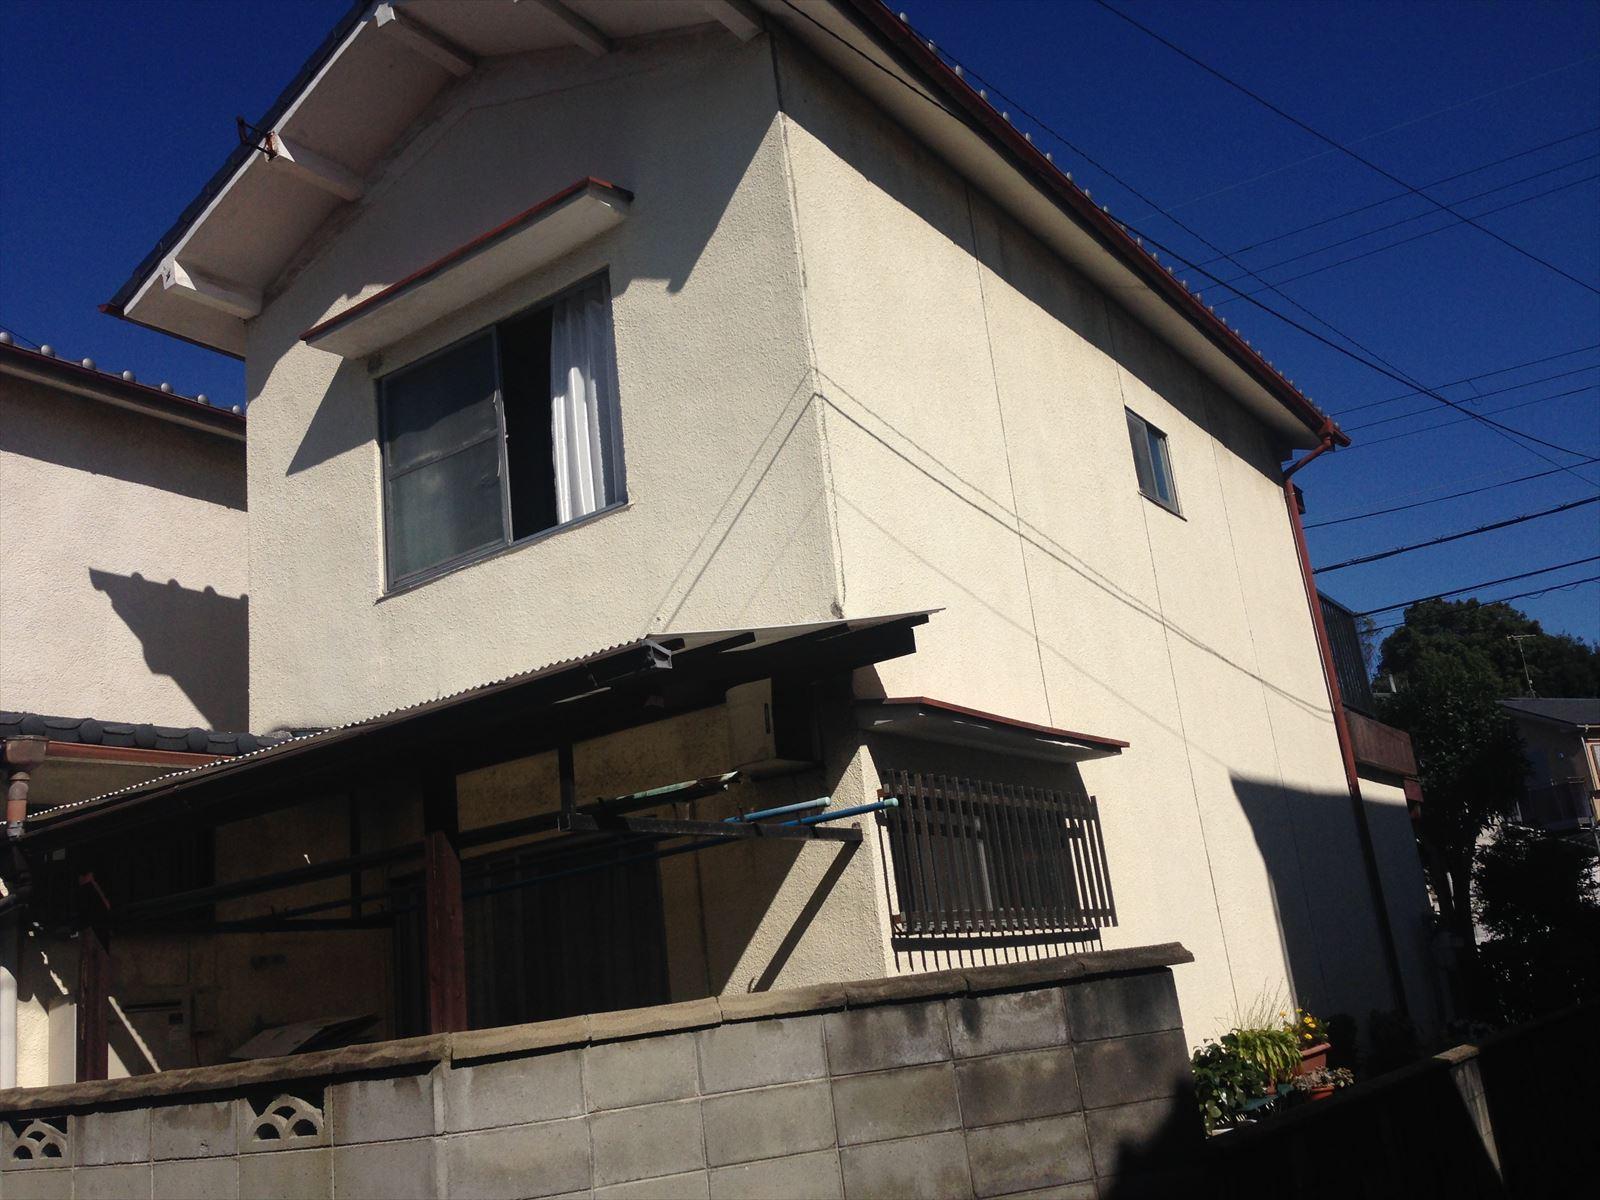 伏見区田中様邸外壁塗り替え工事の施工前写真その1